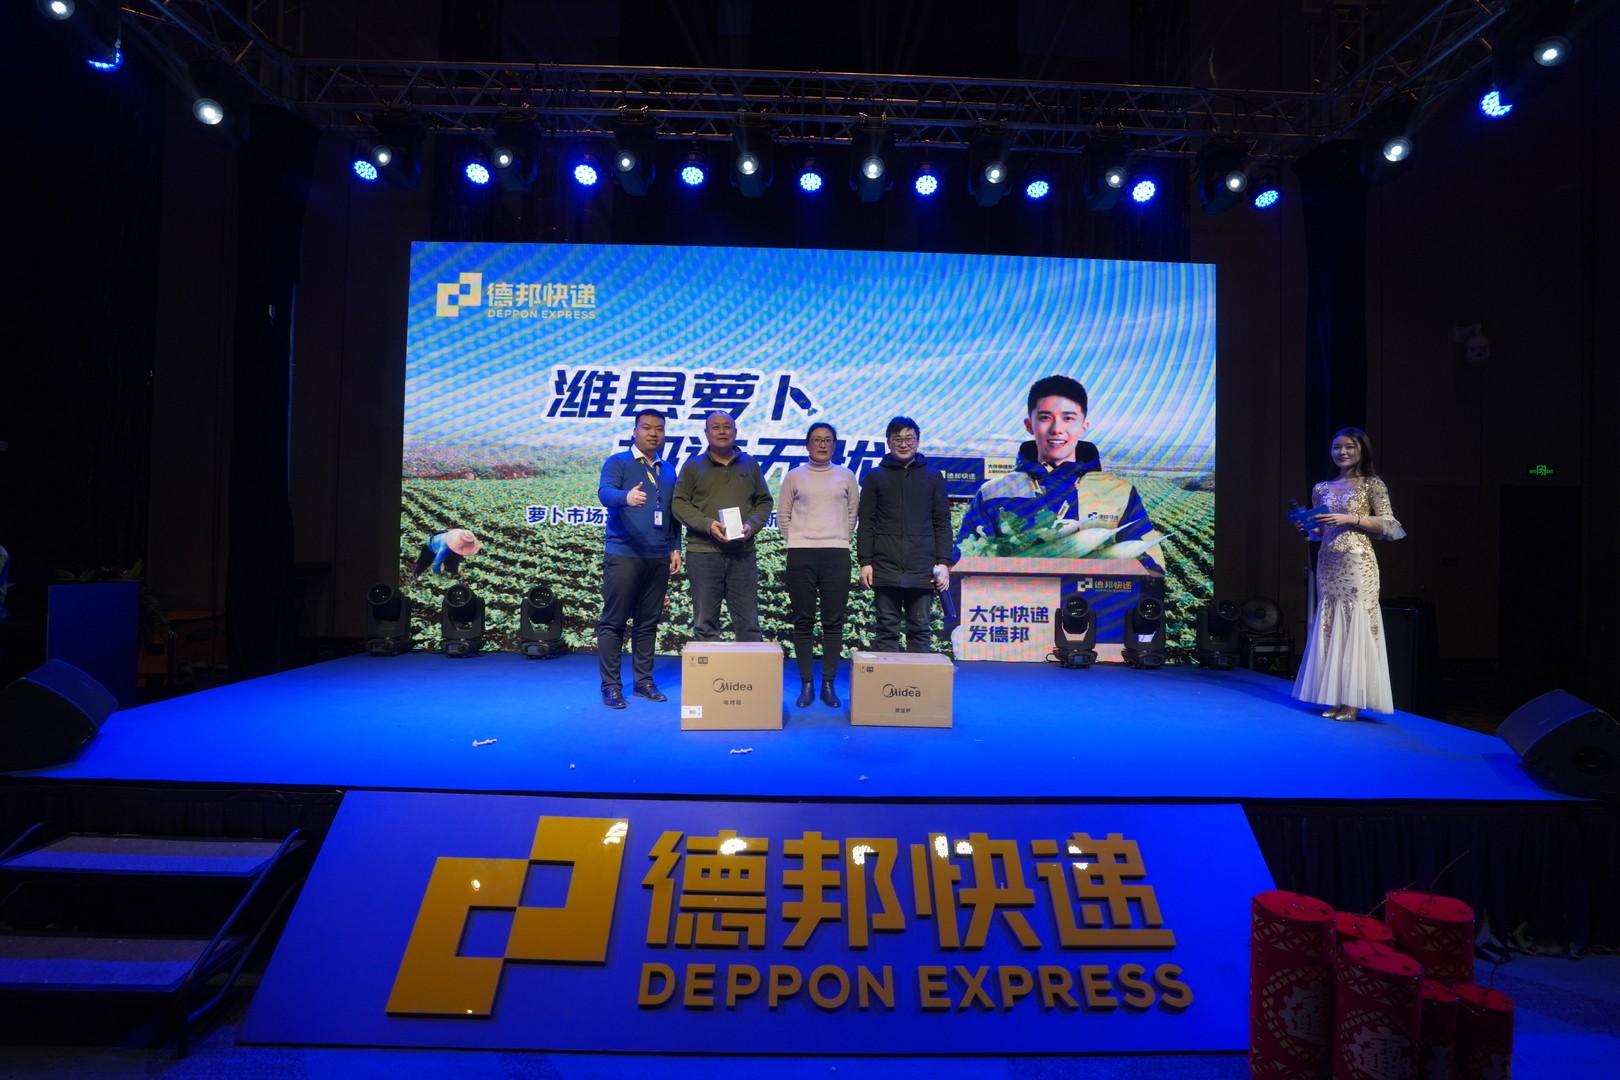 农产品无忧运输再添力,德邦快递2021潍县萝卜推介会成功举办